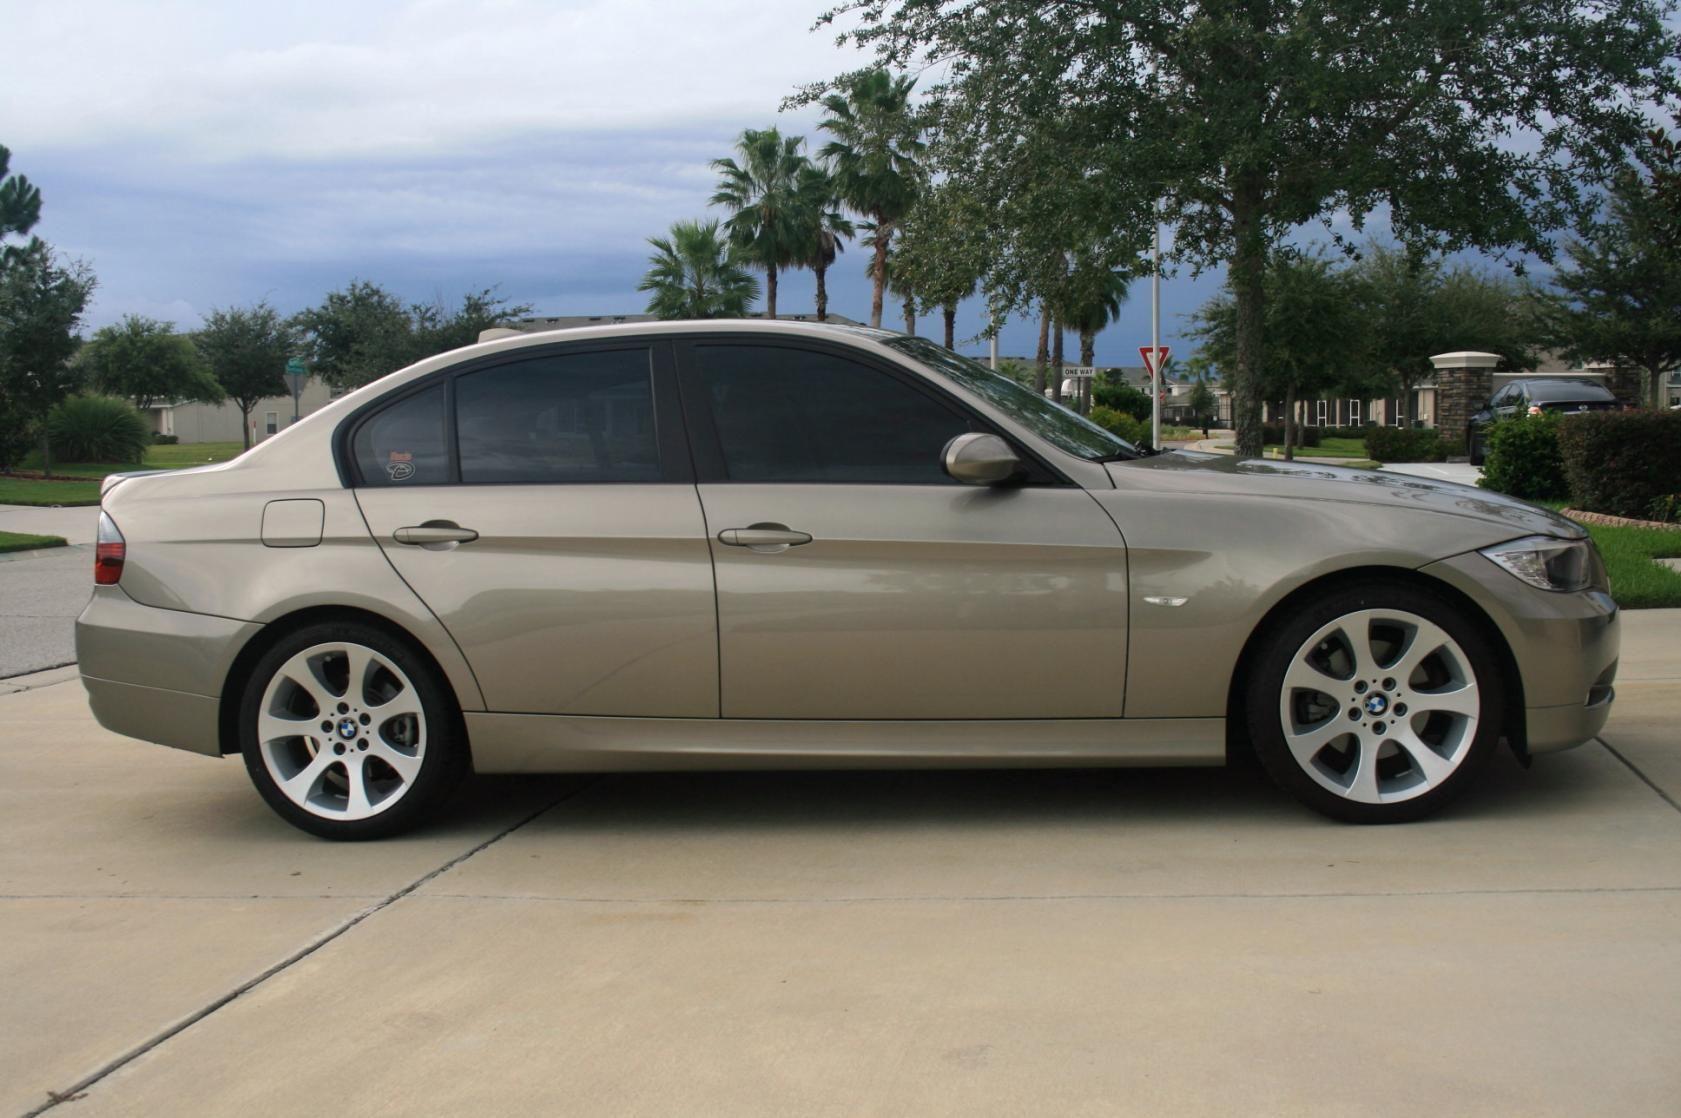 2007 BMW 328i Platinum Bronze pic 3 Bmw 328i, Bmw love, Bmw